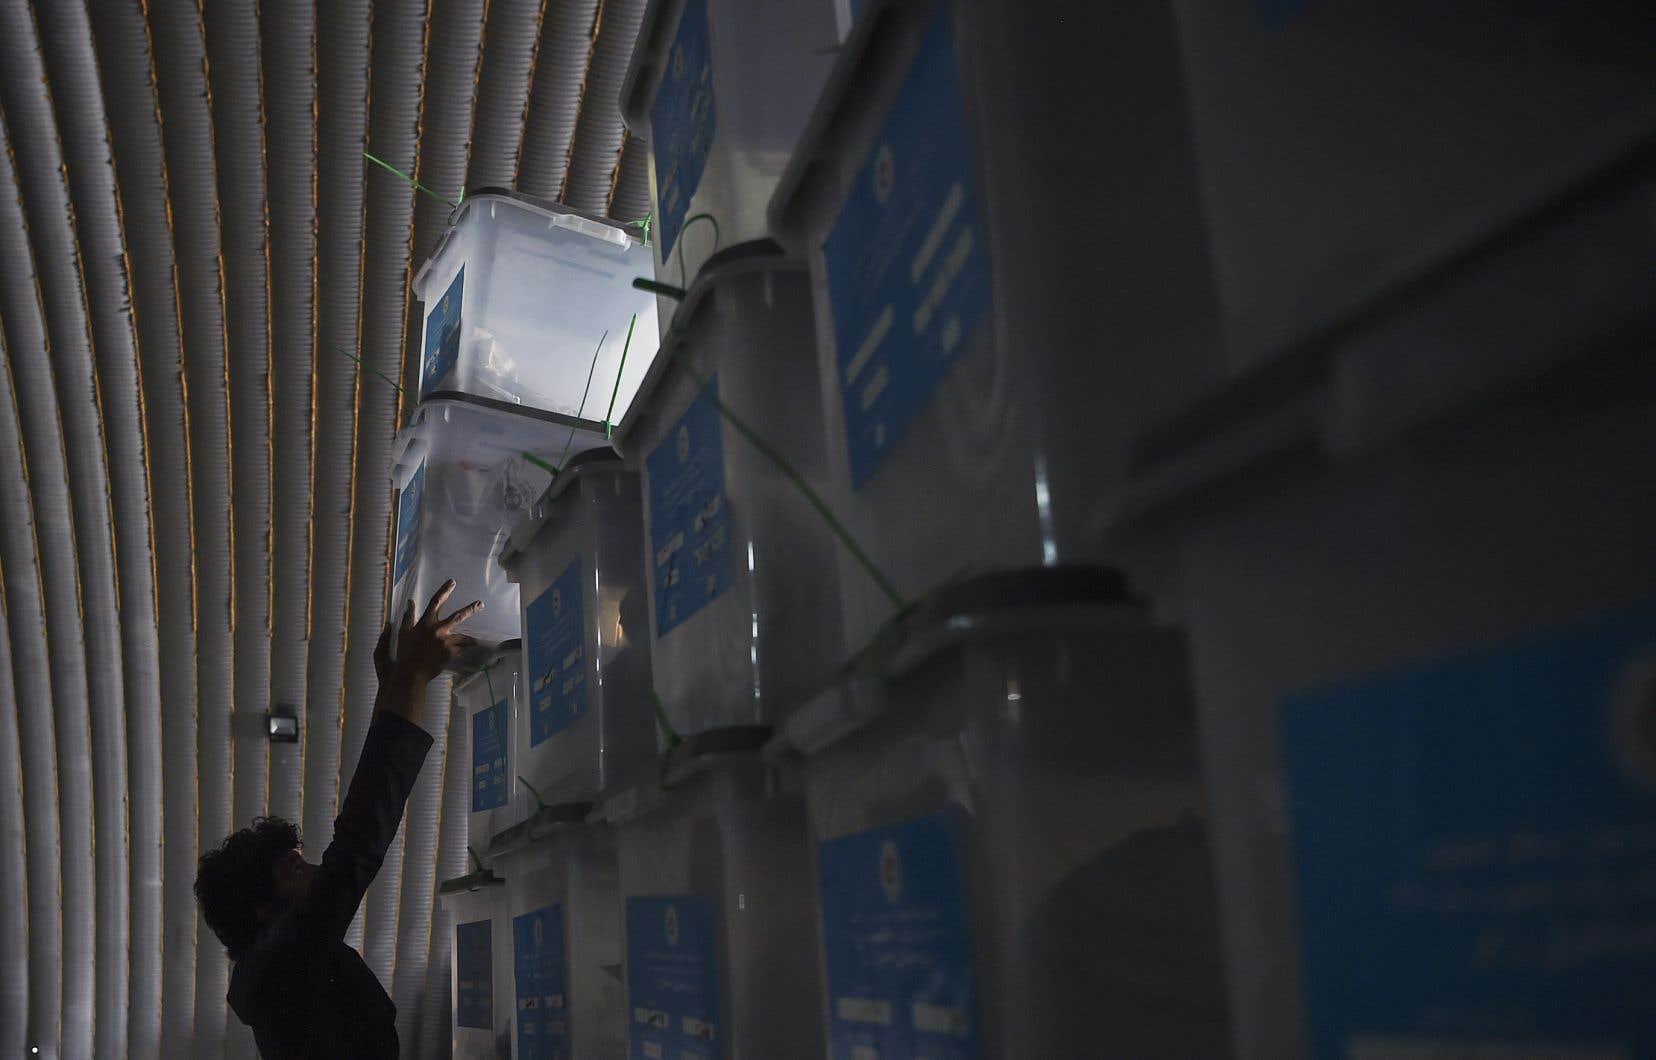 Un ouvrier de la Commission électorale indépendante (CEI) dépose des urnes dans un entrepôt le lendemain de l'élection présidentielle en Afghanistan, à Kaboul le 29 septembre 2019.